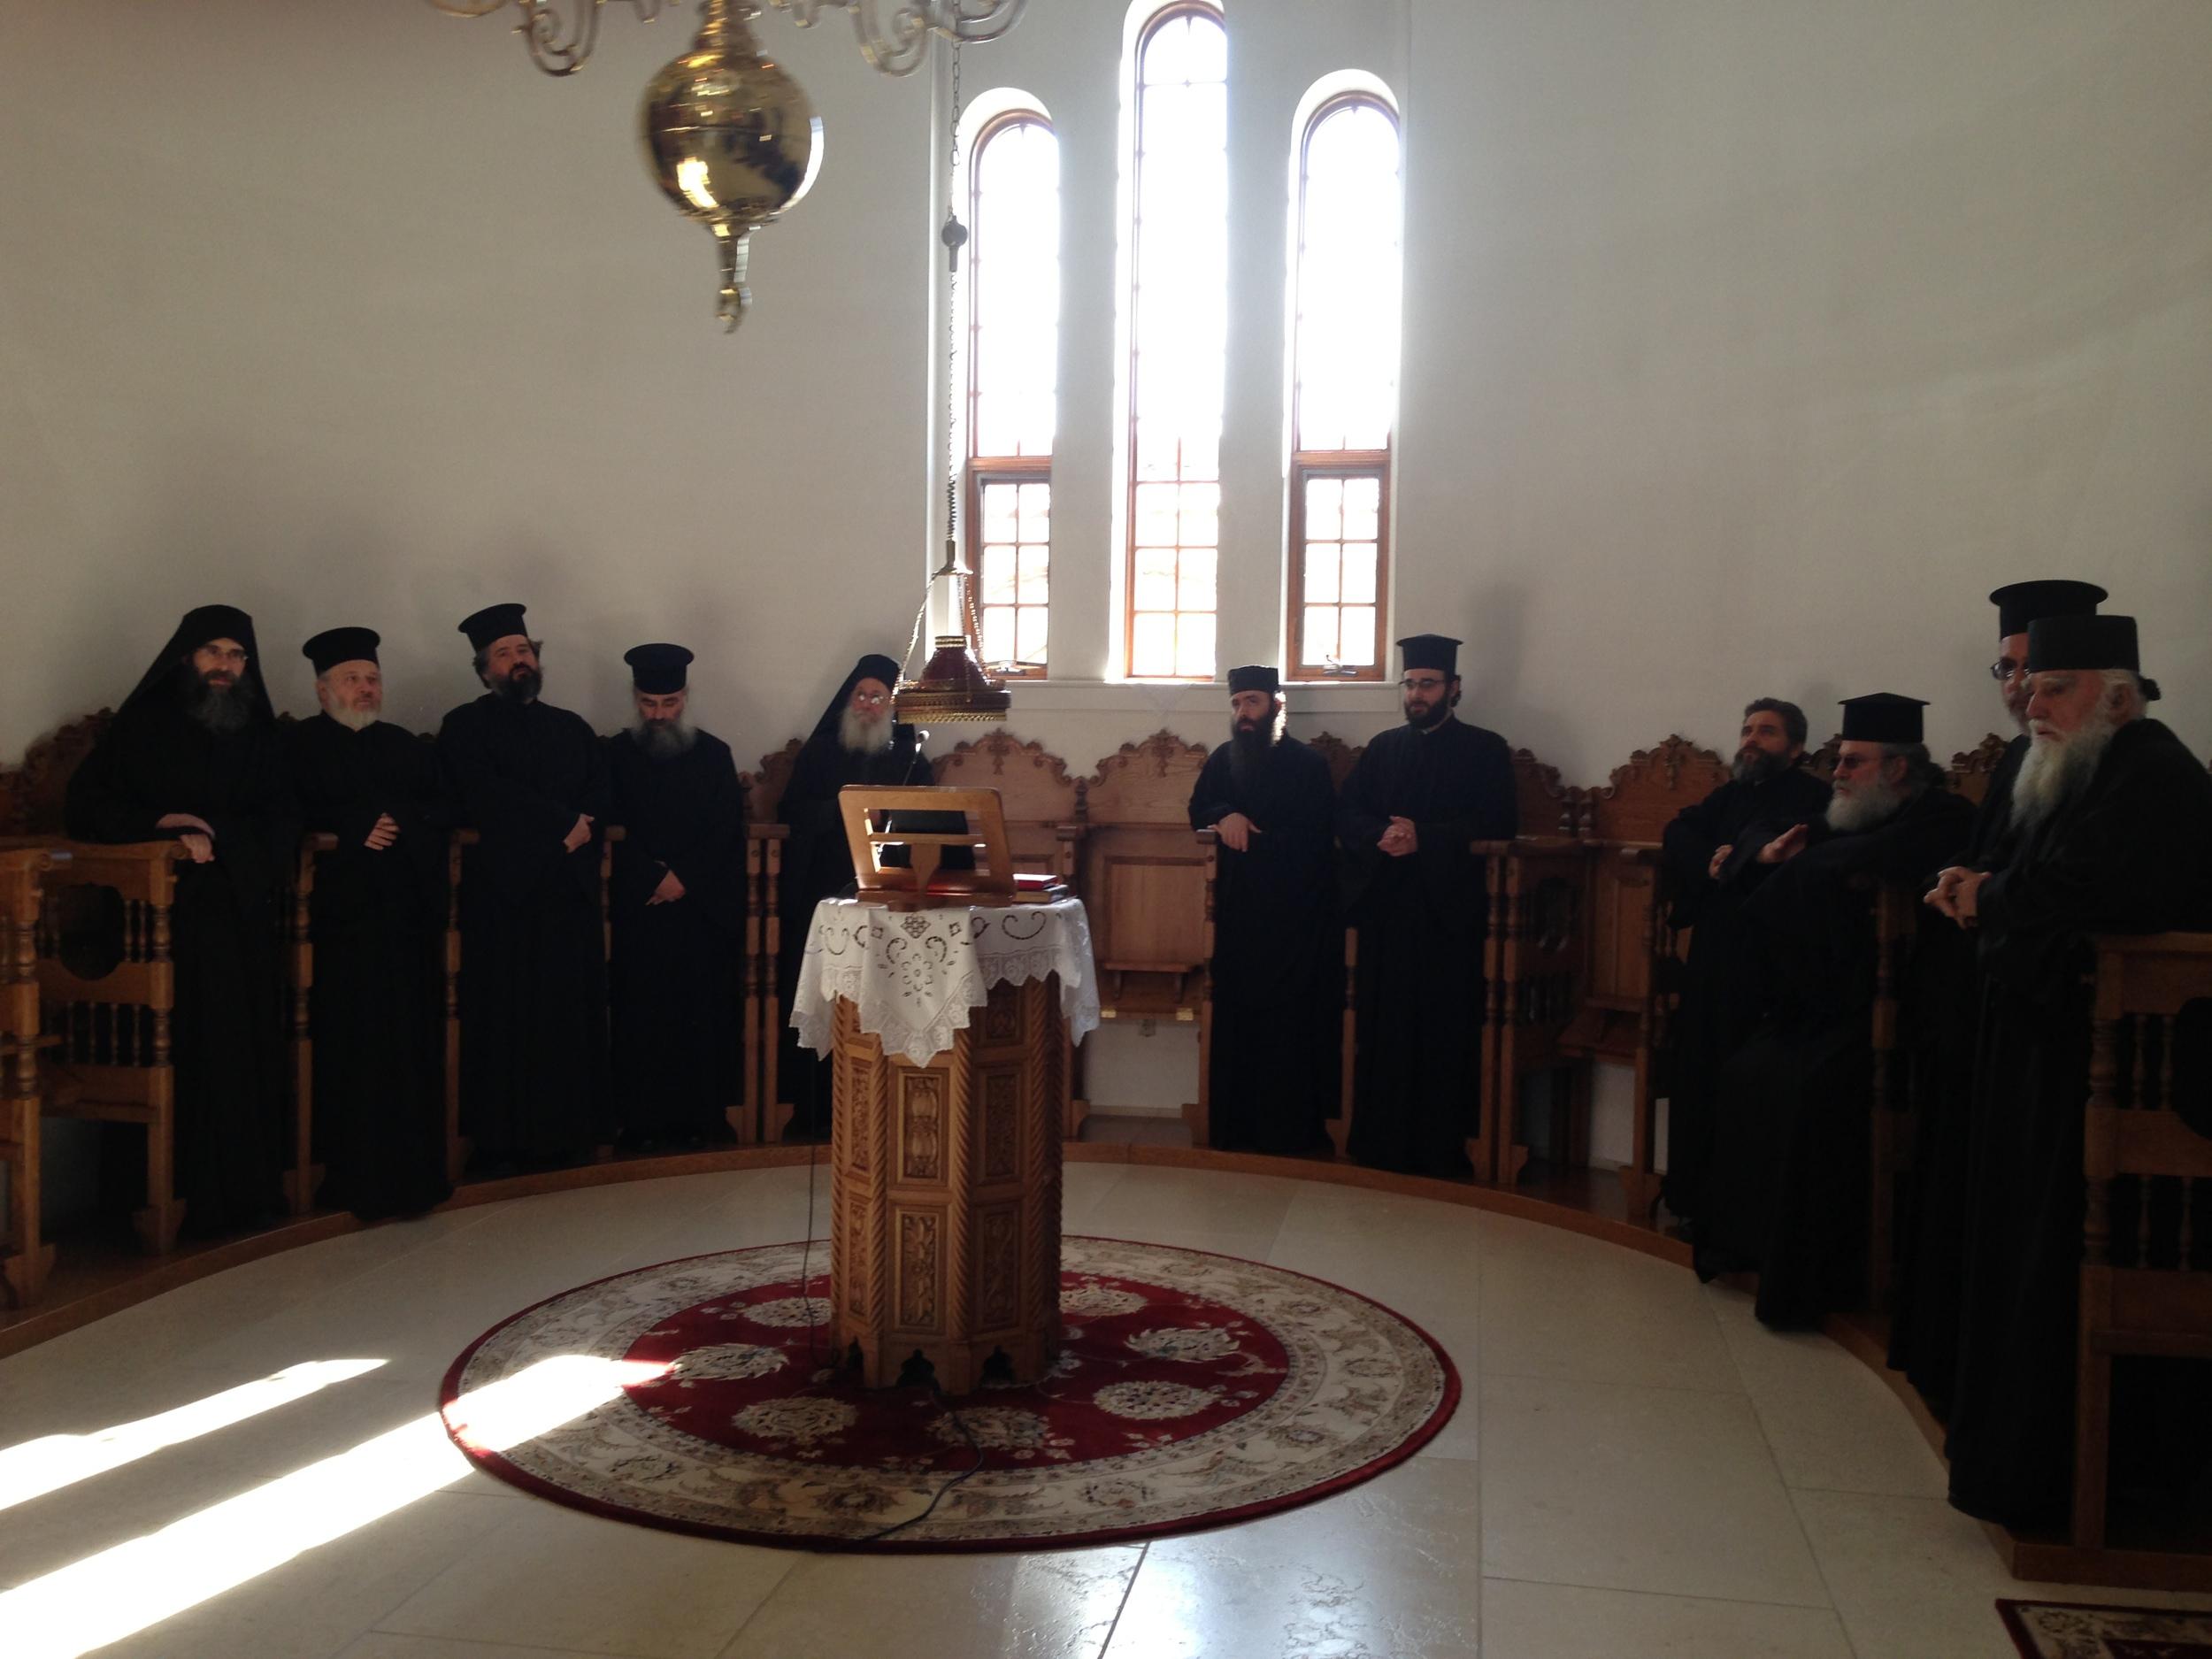 Priests at Stasidia - Feast of St. John Chrysostom 11-13-13.JPG